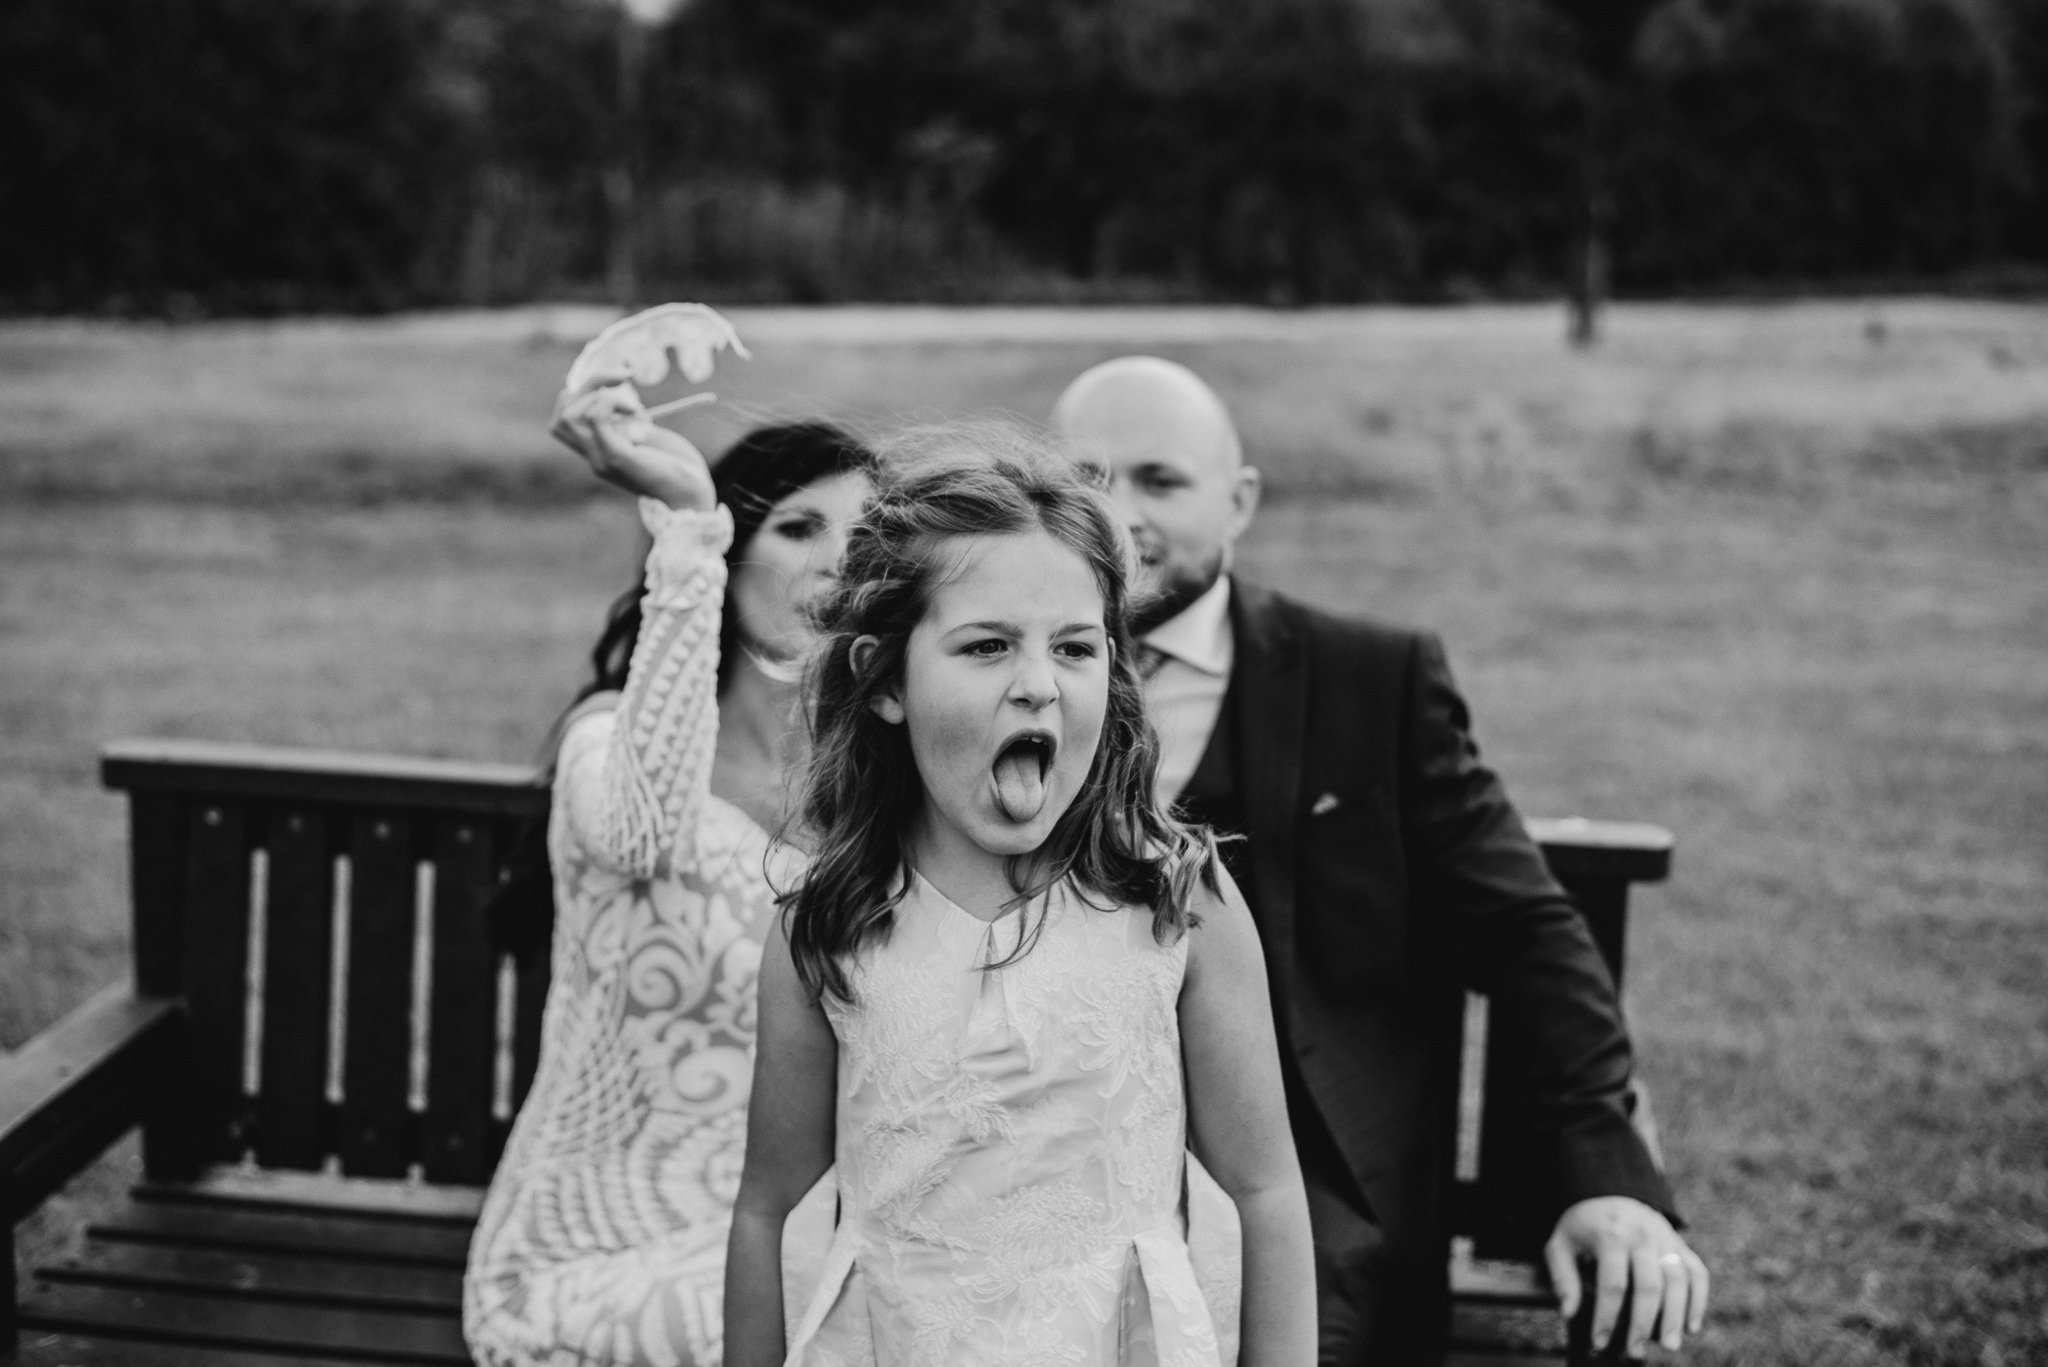 leeds-reportage-wedding-photography-11.jpg